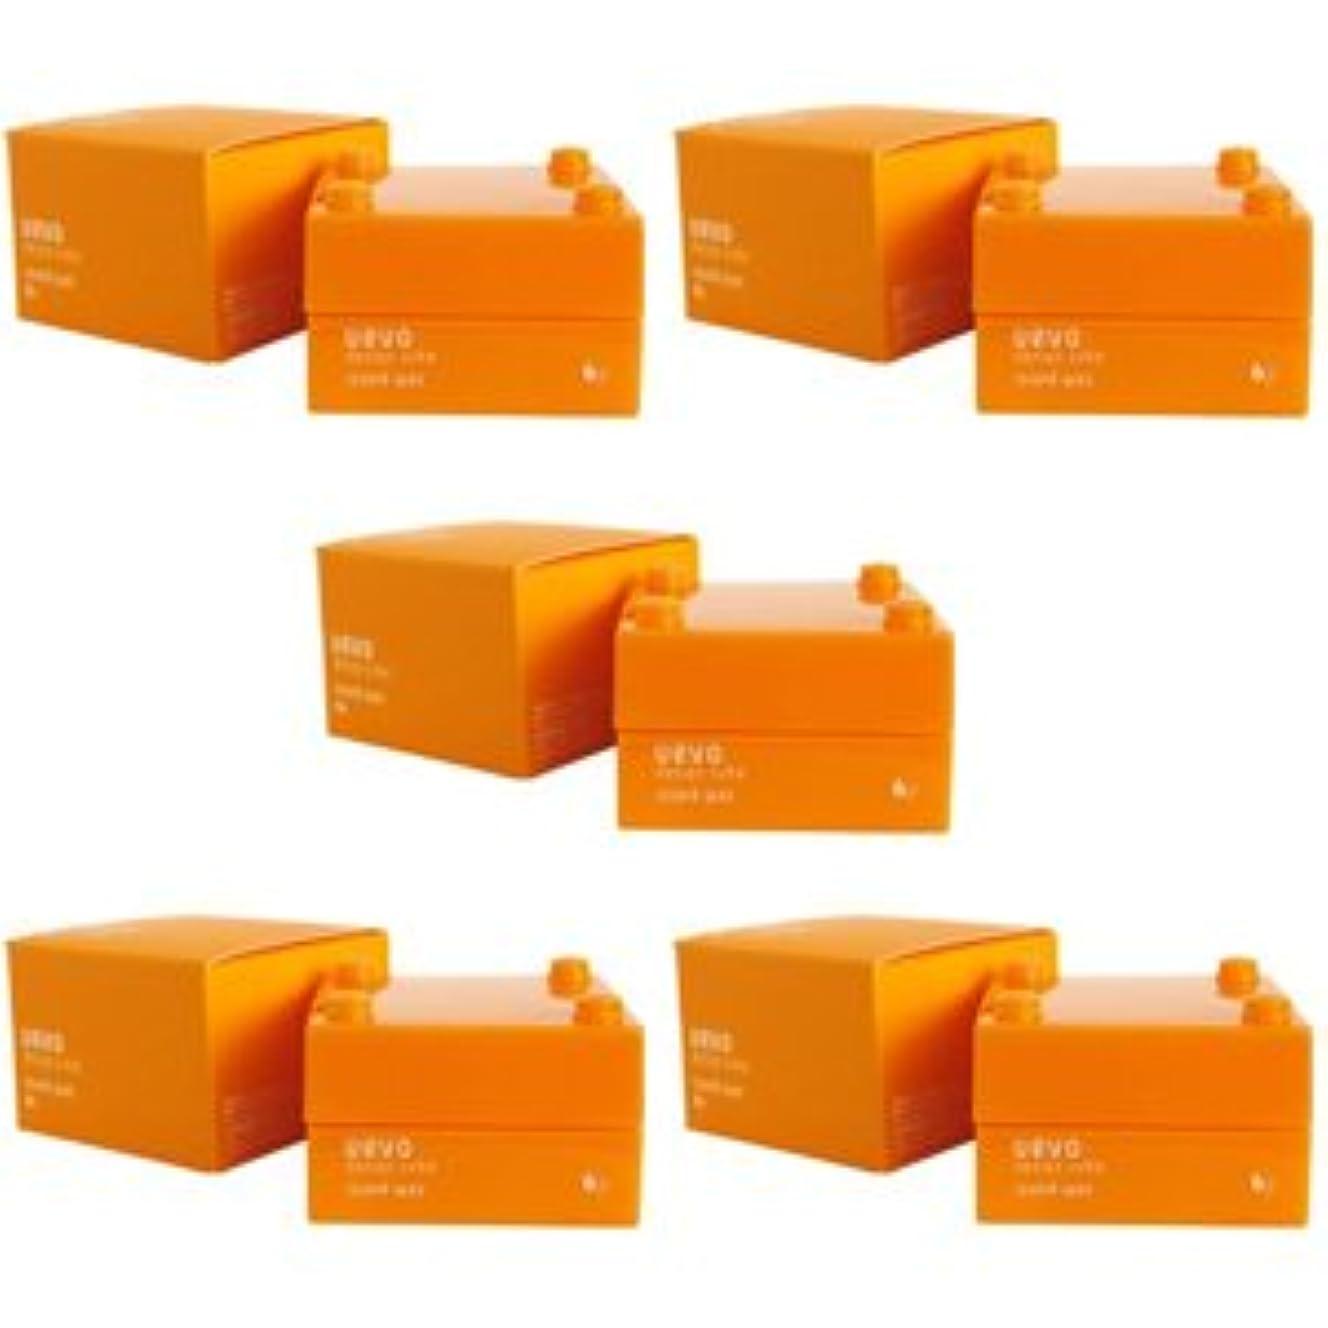 野心最大化する極めて重要な【X5個セット】 デミ ウェーボ デザインキューブ ラウンドワックス 30g round wax DEMI uevo design cube